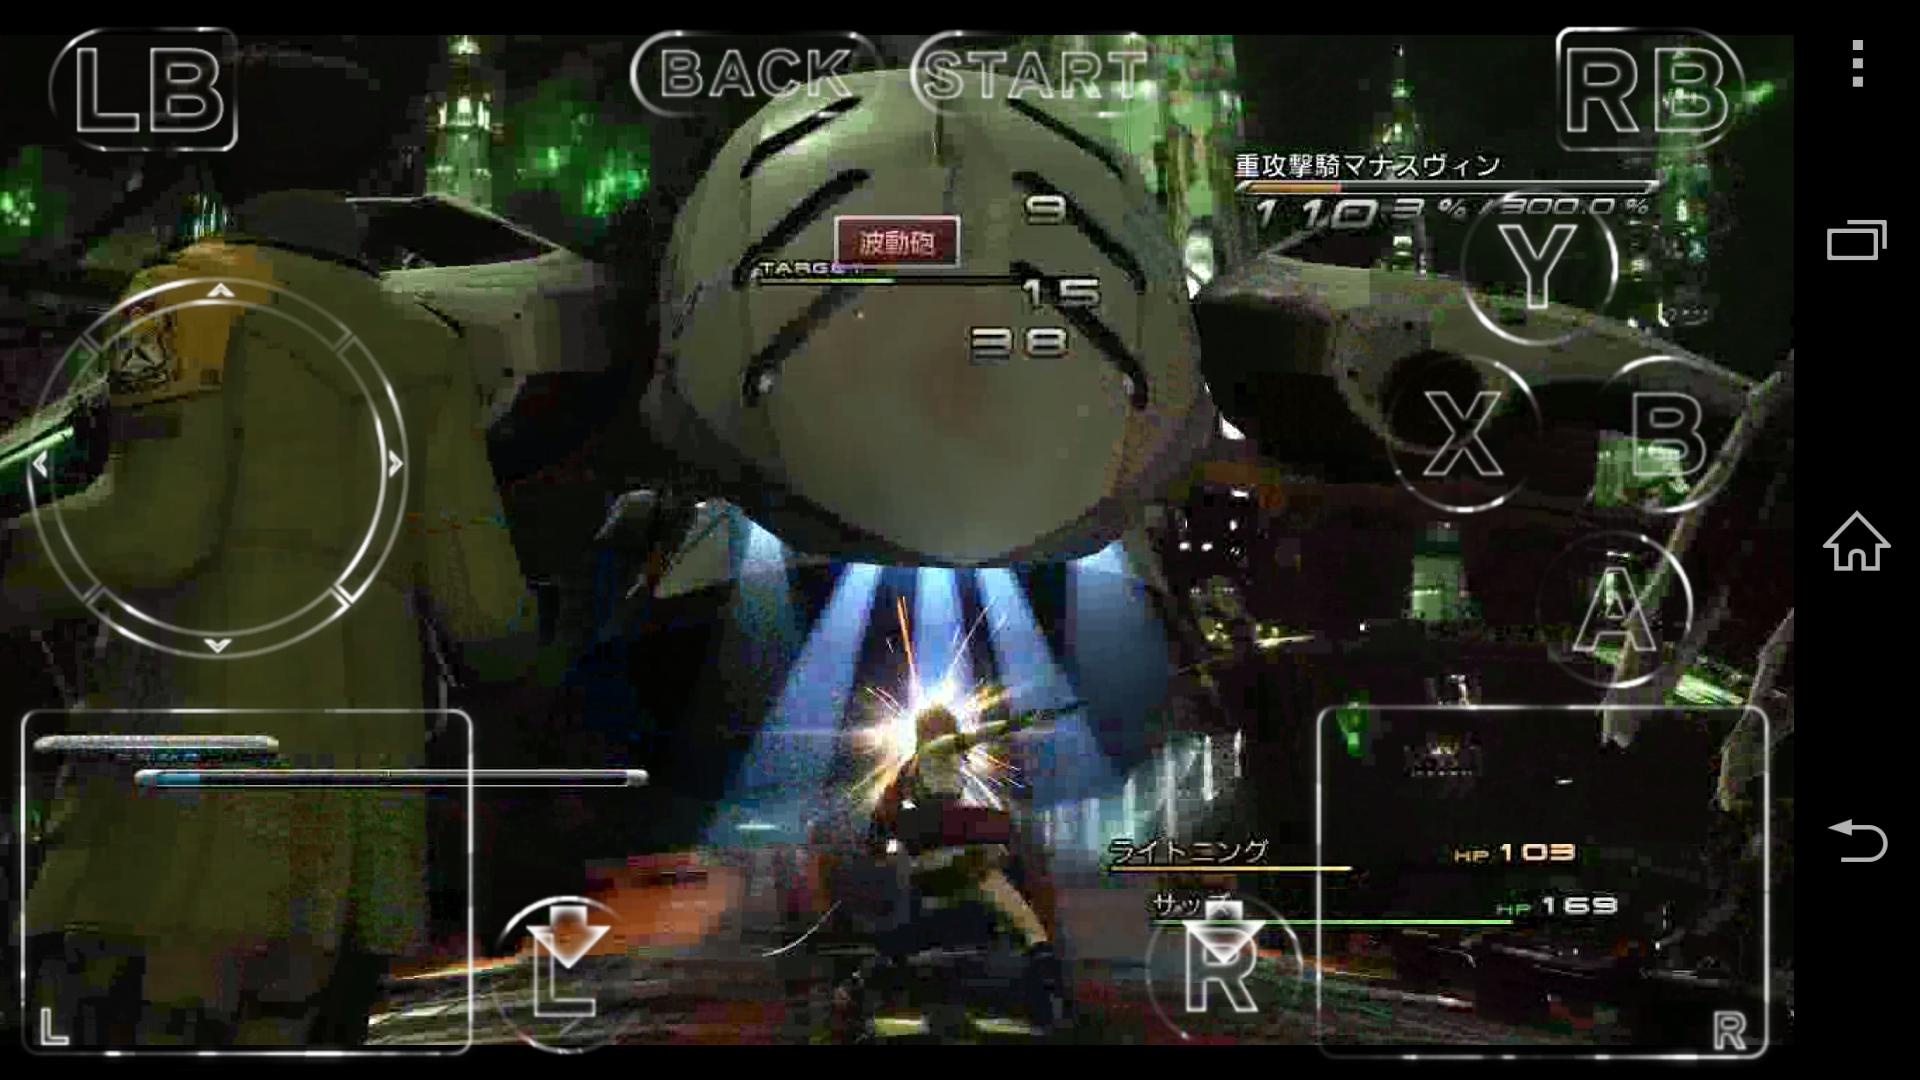 Final Fantasy Xiii アプリゲット